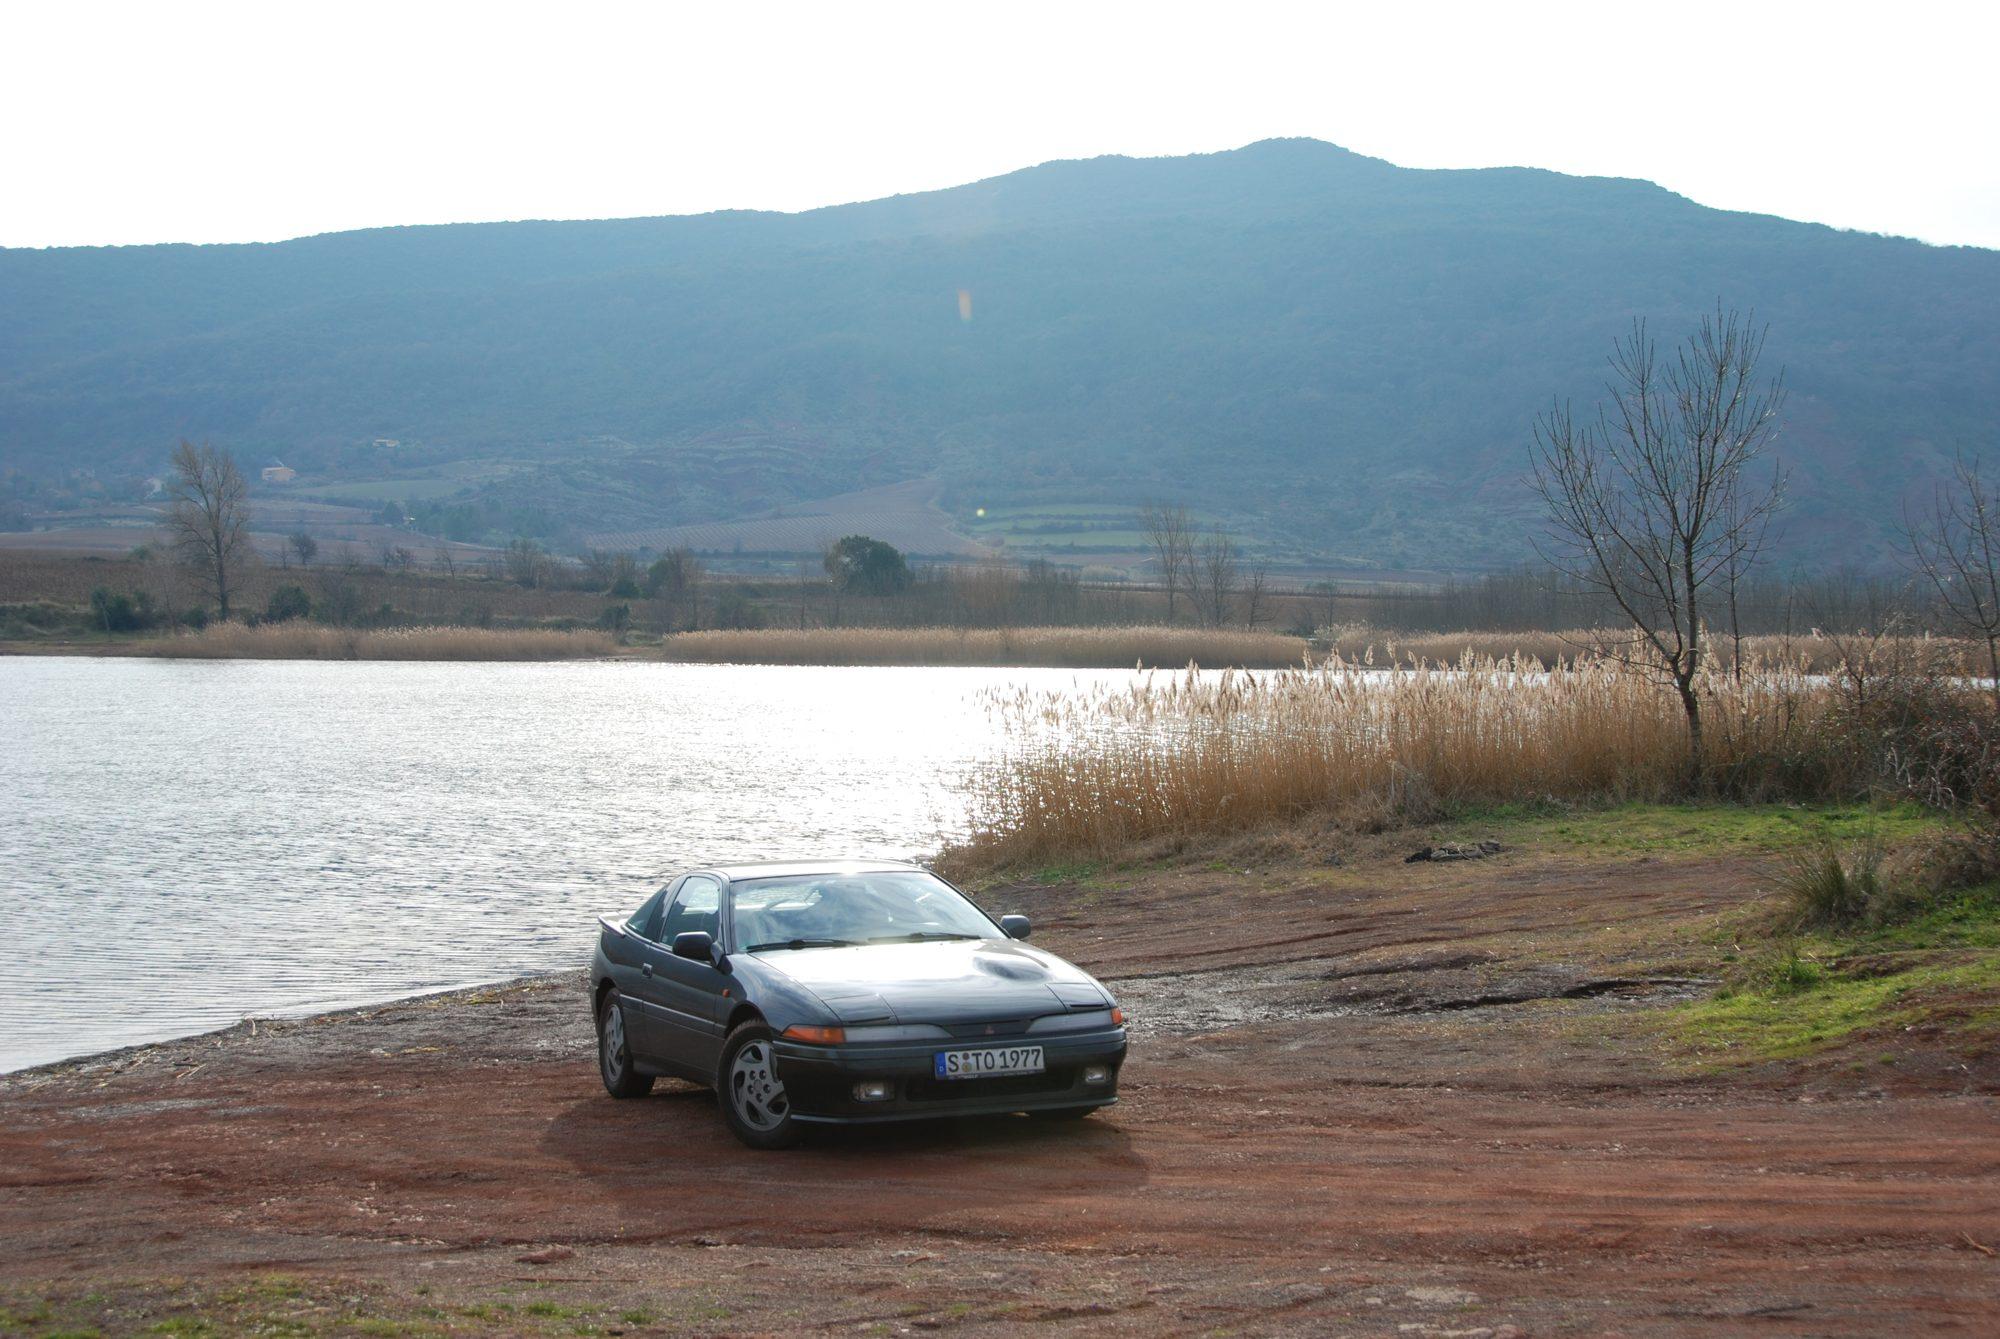 Januar 2009 - In Südfrankreich am Lac du Salagou.